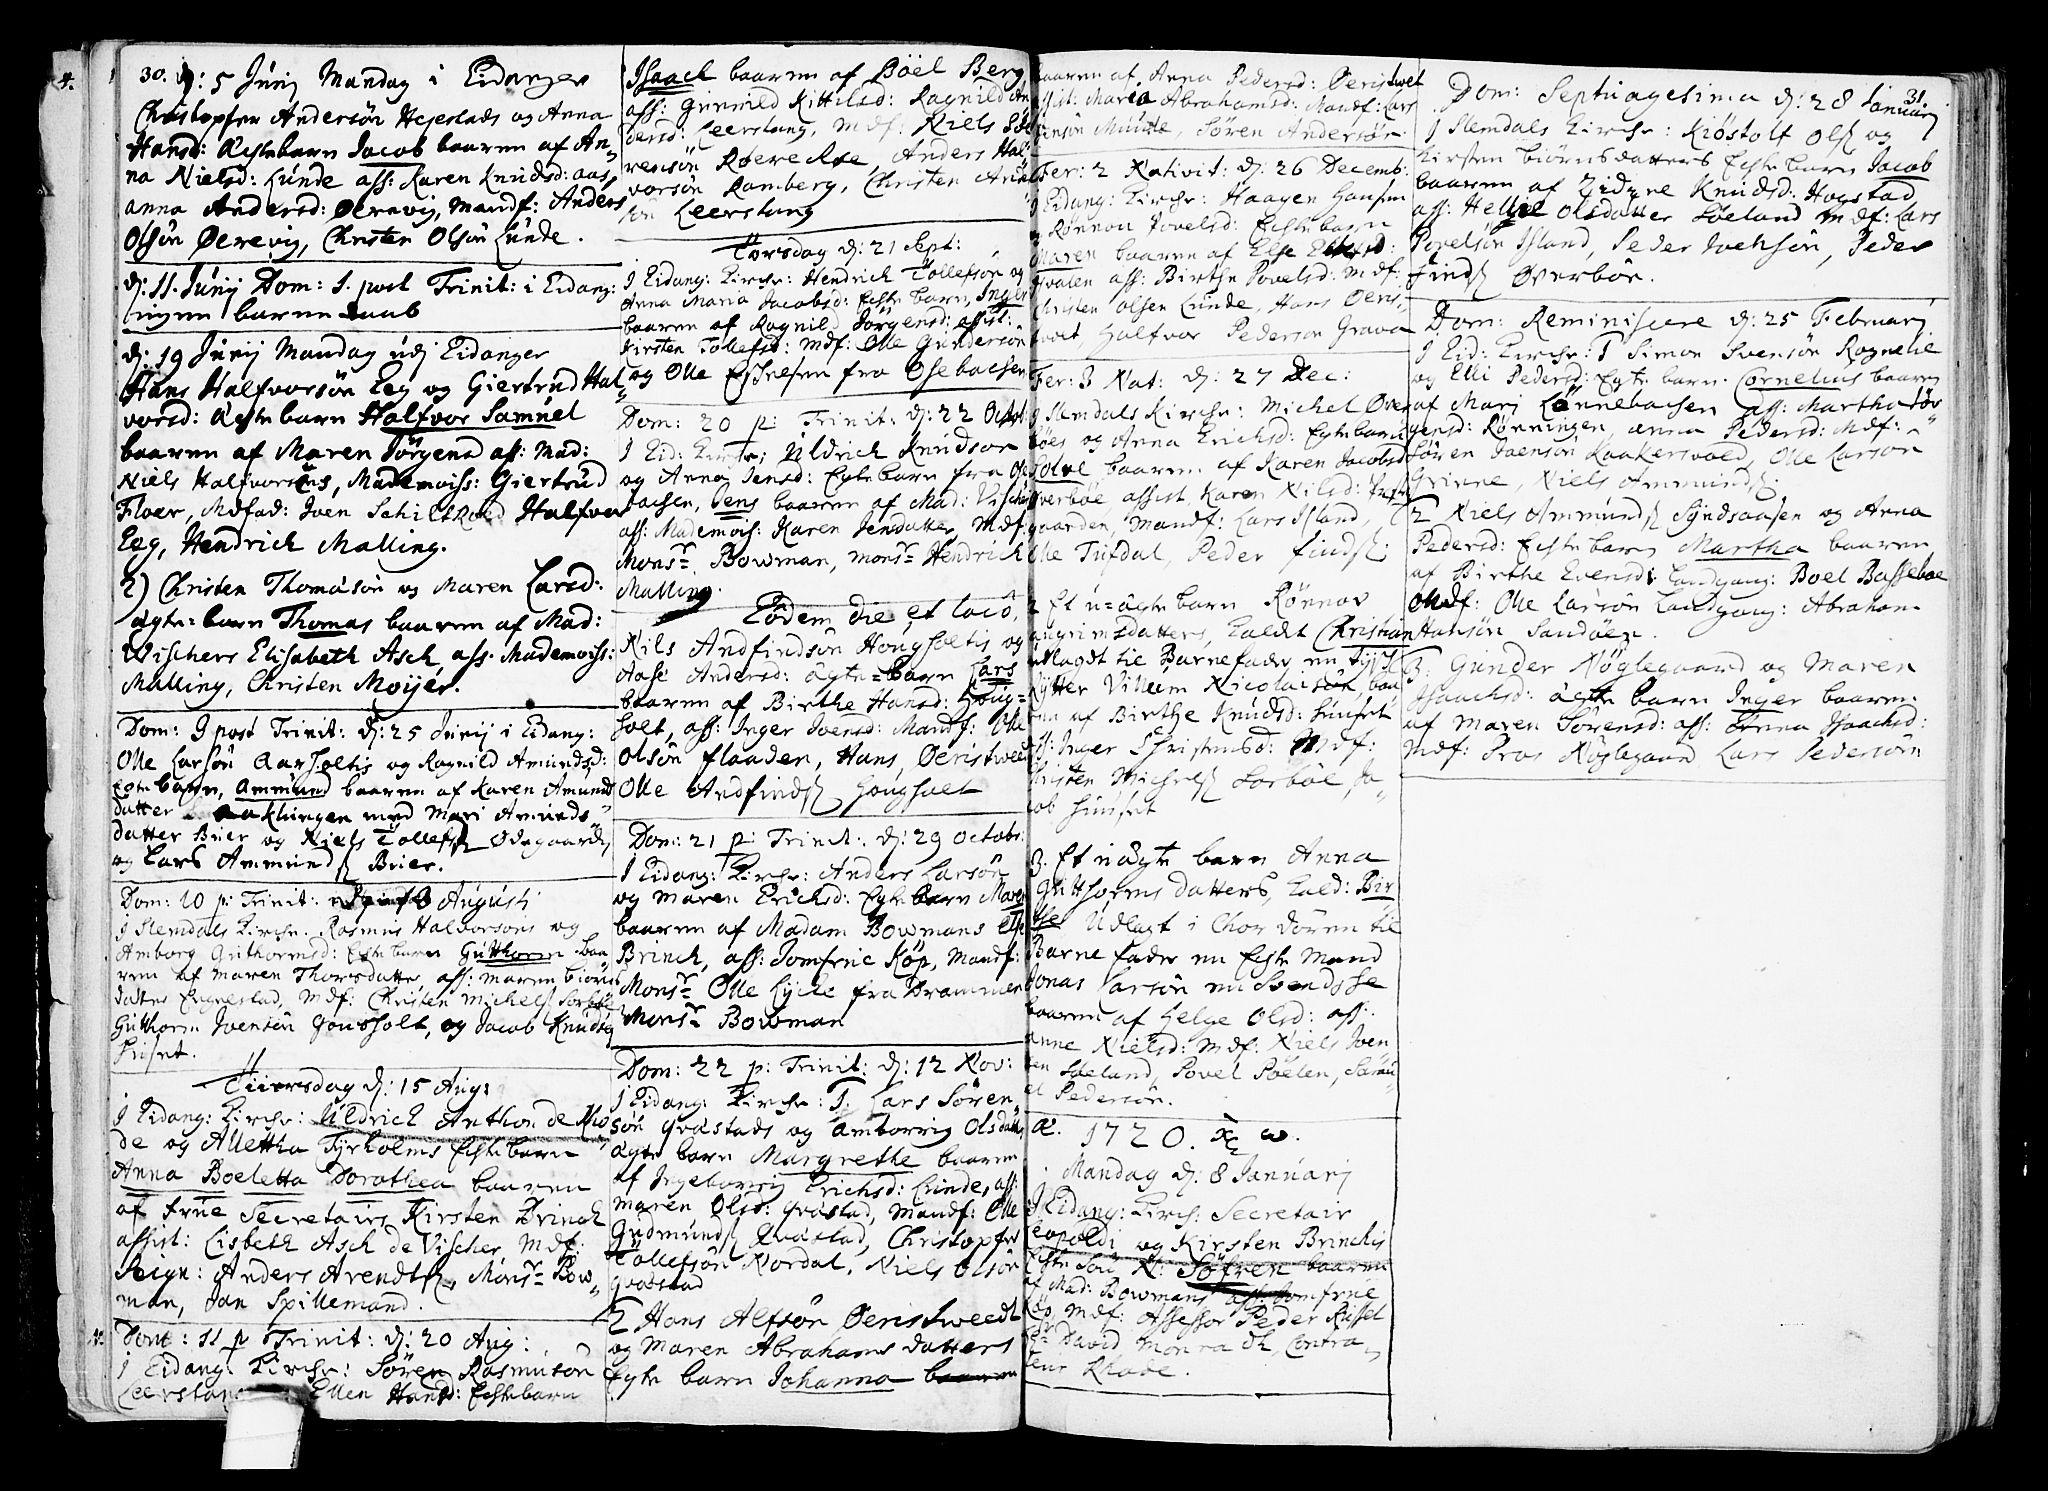 SAKO, Eidanger kirkebøker, F/Fa/L0002: Ministerialbok nr. 2, 1712-1720, s. 30-31